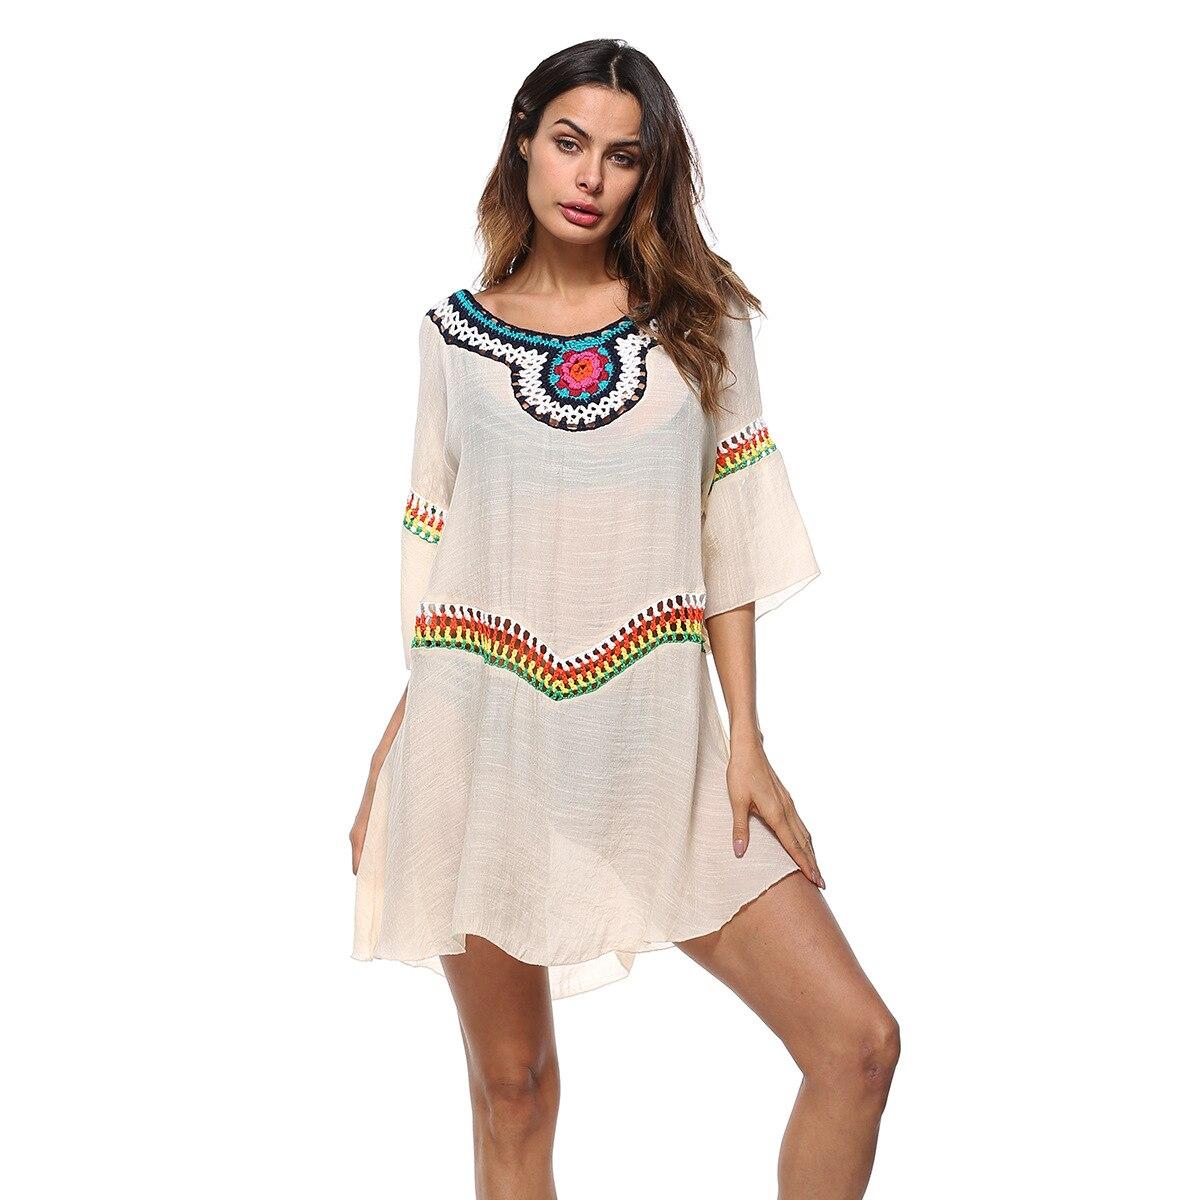 outdoor sunscreen dress spring mini top women hand crochet neck round bamboo cotton soft summer blouse dresses